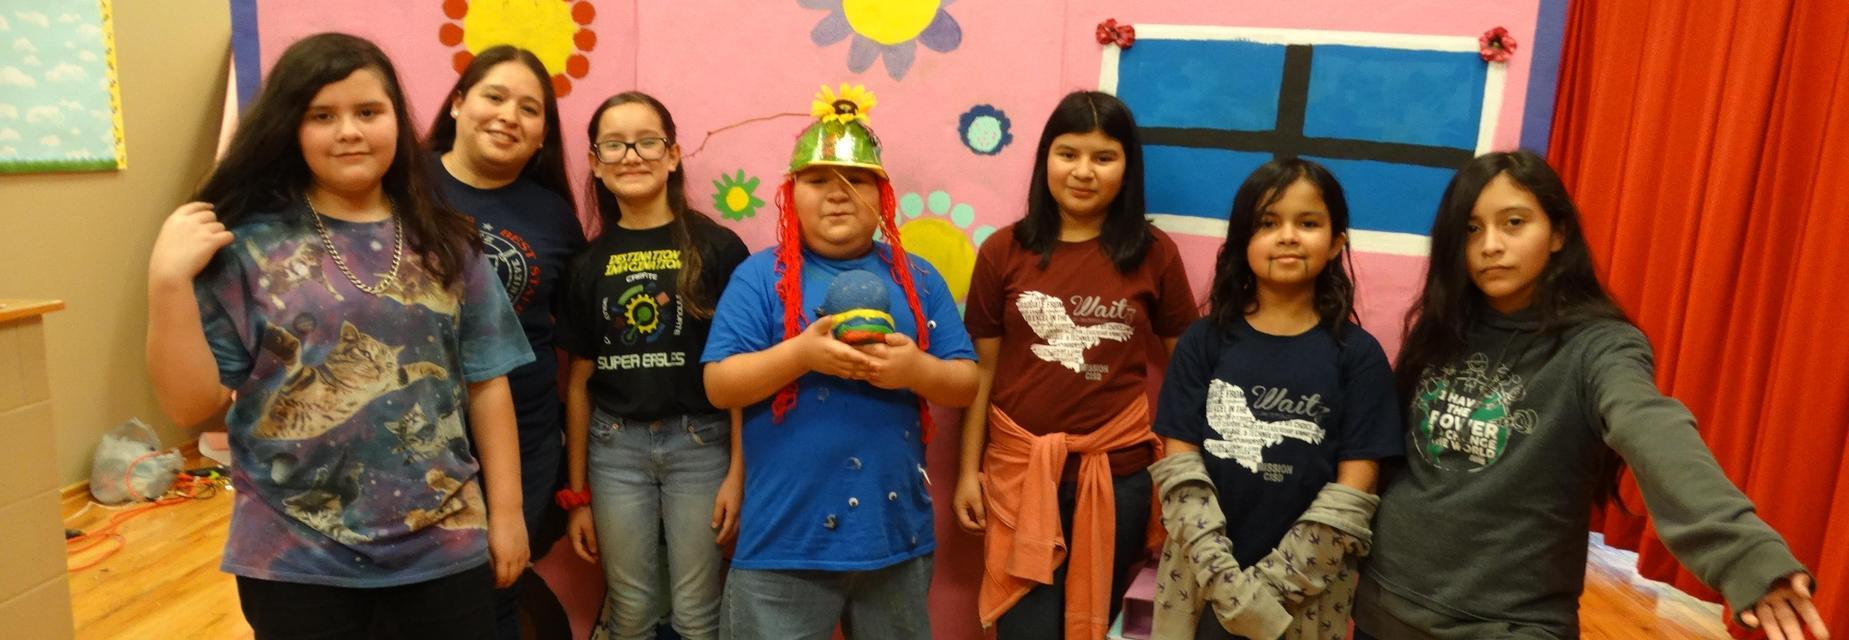 5th grade DI team